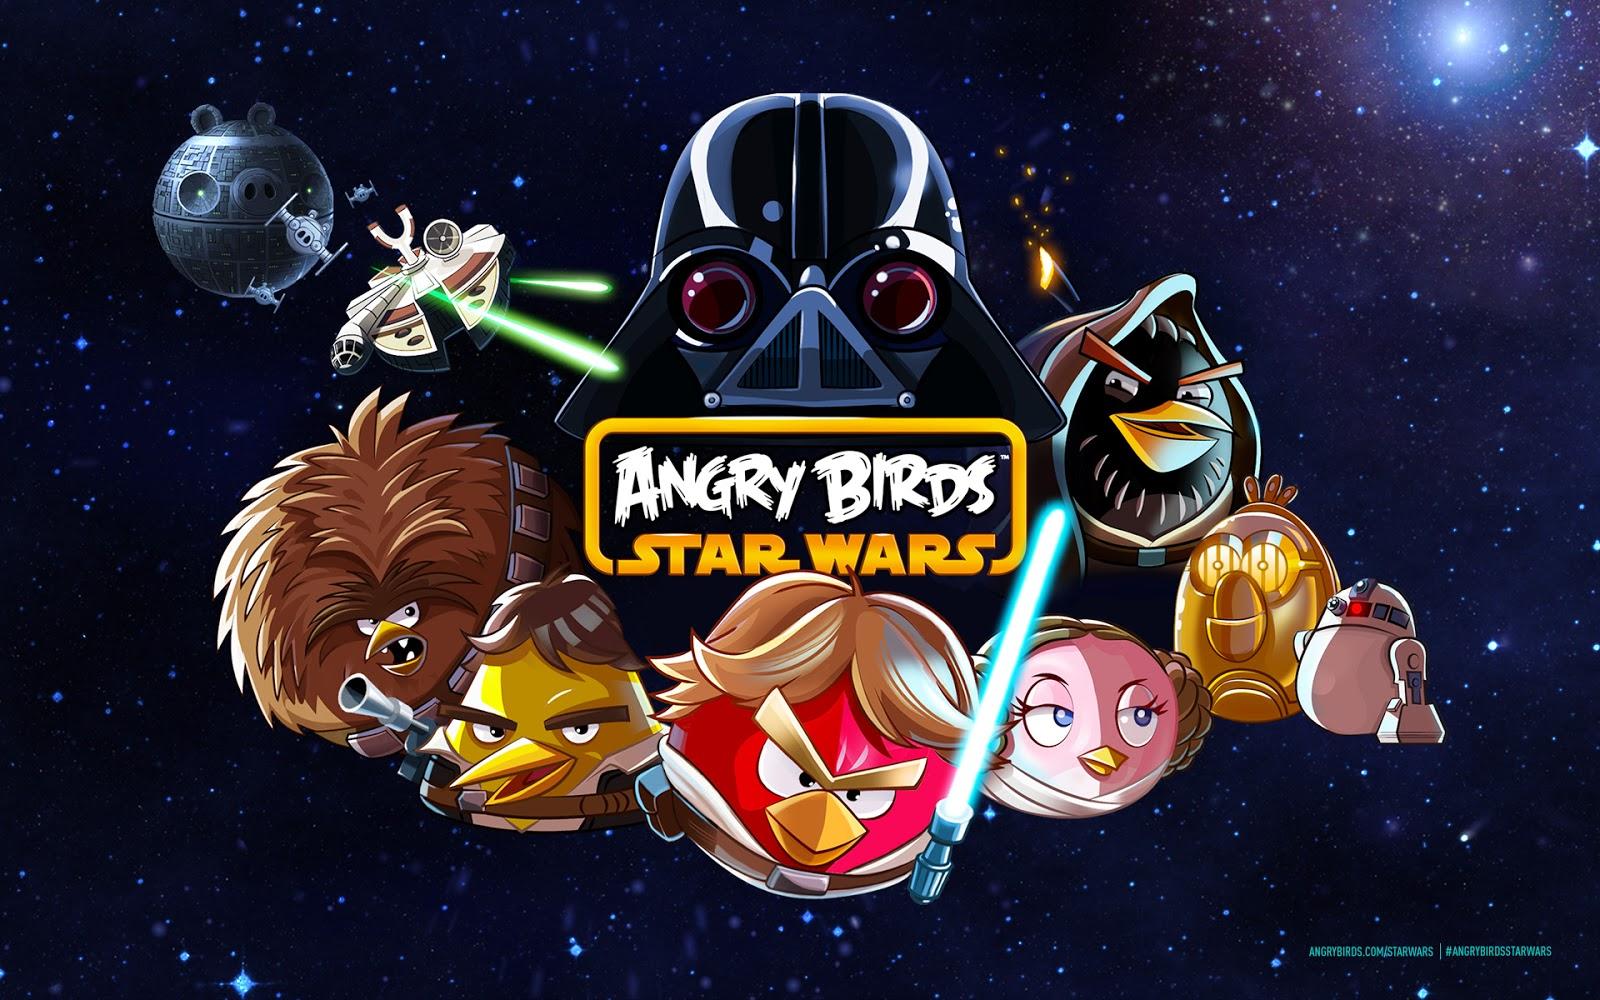 http://1.bp.blogspot.com/-bF-8mQwUw1s/UNRL-n_sfwI/AAAAAAAAANk/QzkwqfskF7Y/s1600/Angry-Birds-Star-Wars-Wallpaper-angry-birds-32422194-1920-1200.jpg